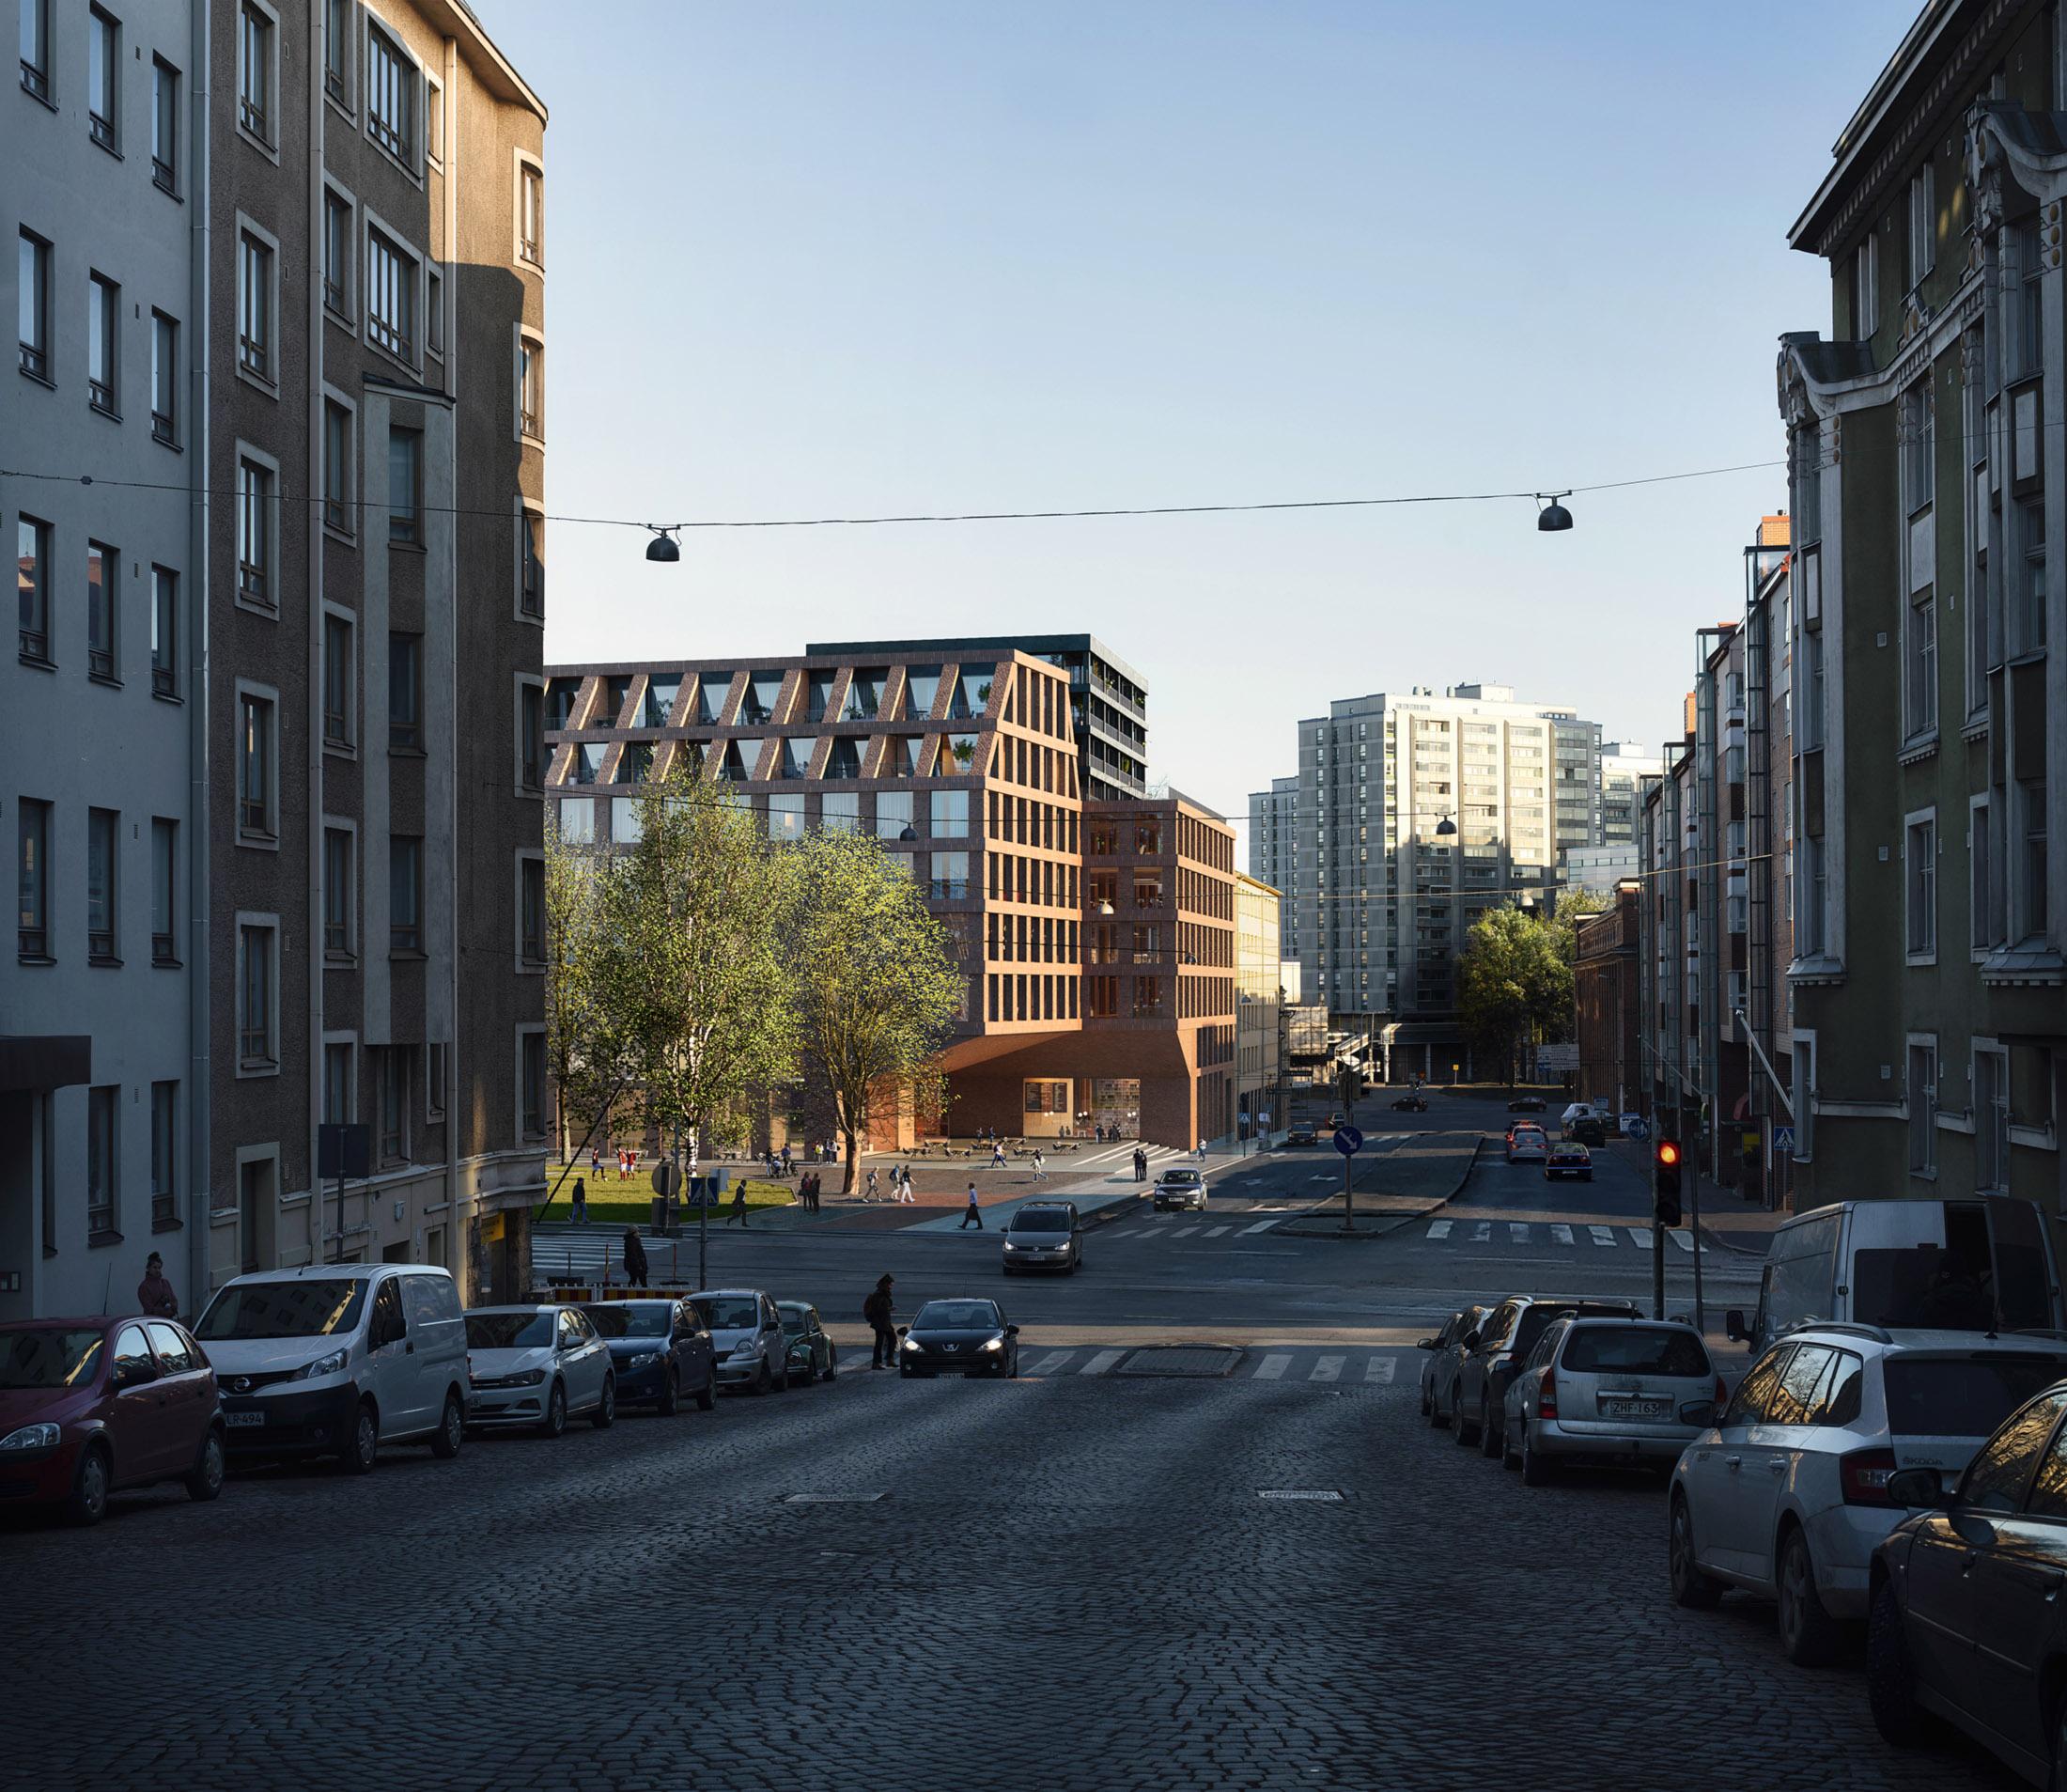 Anttinen Oiva Architects, Haapaniemenkatu, Finland, 2019